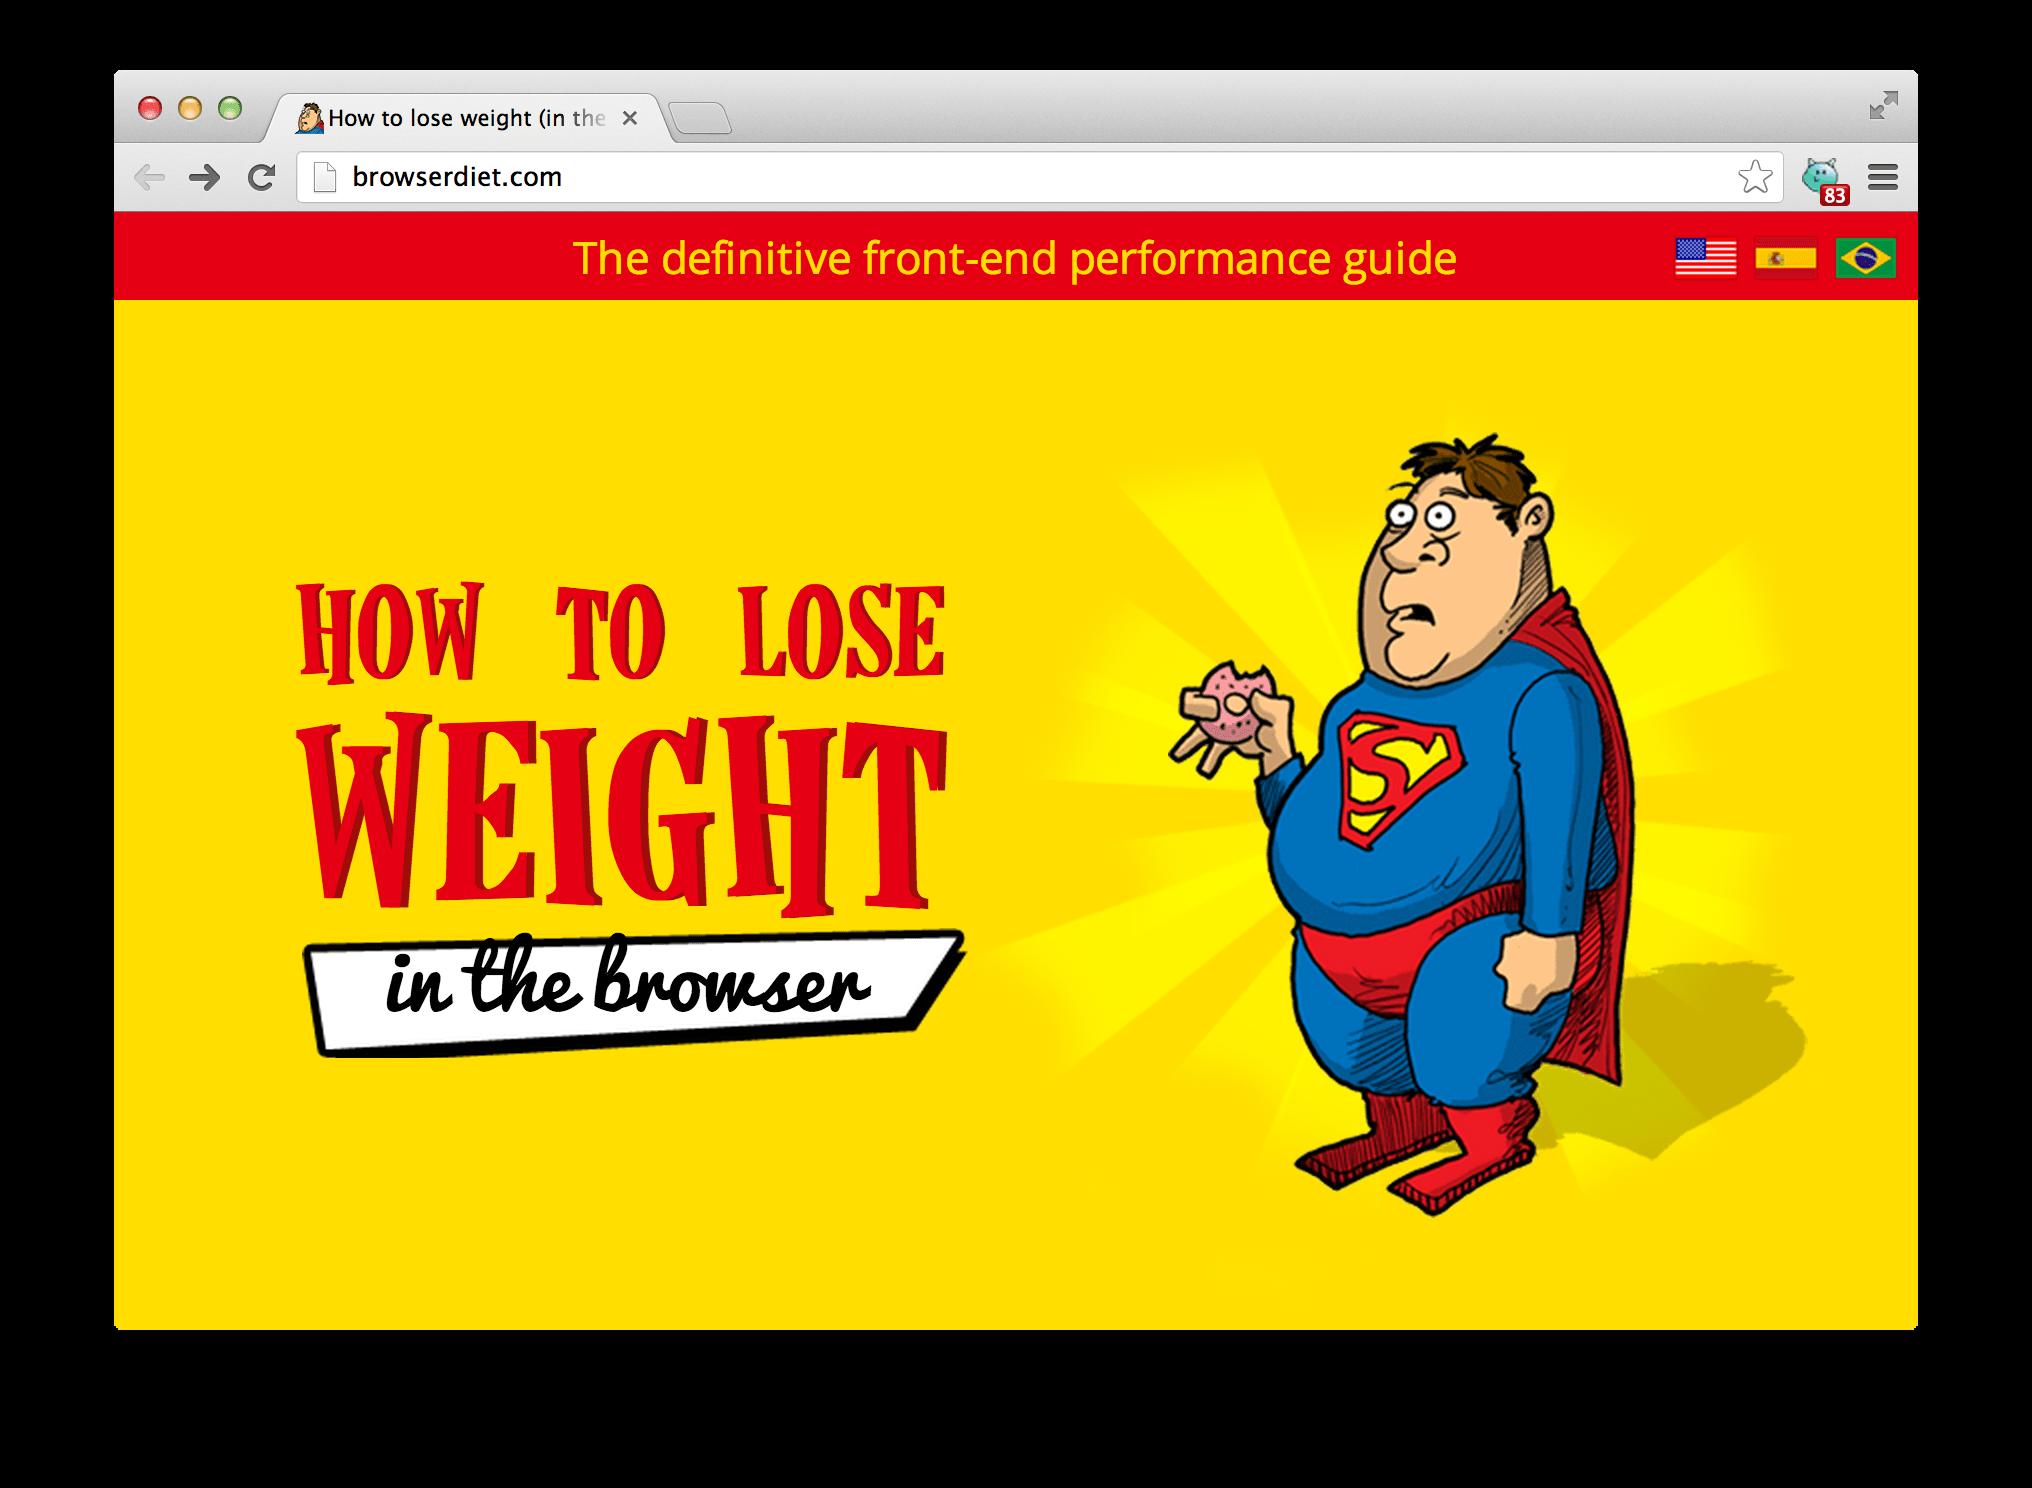 browserdiet